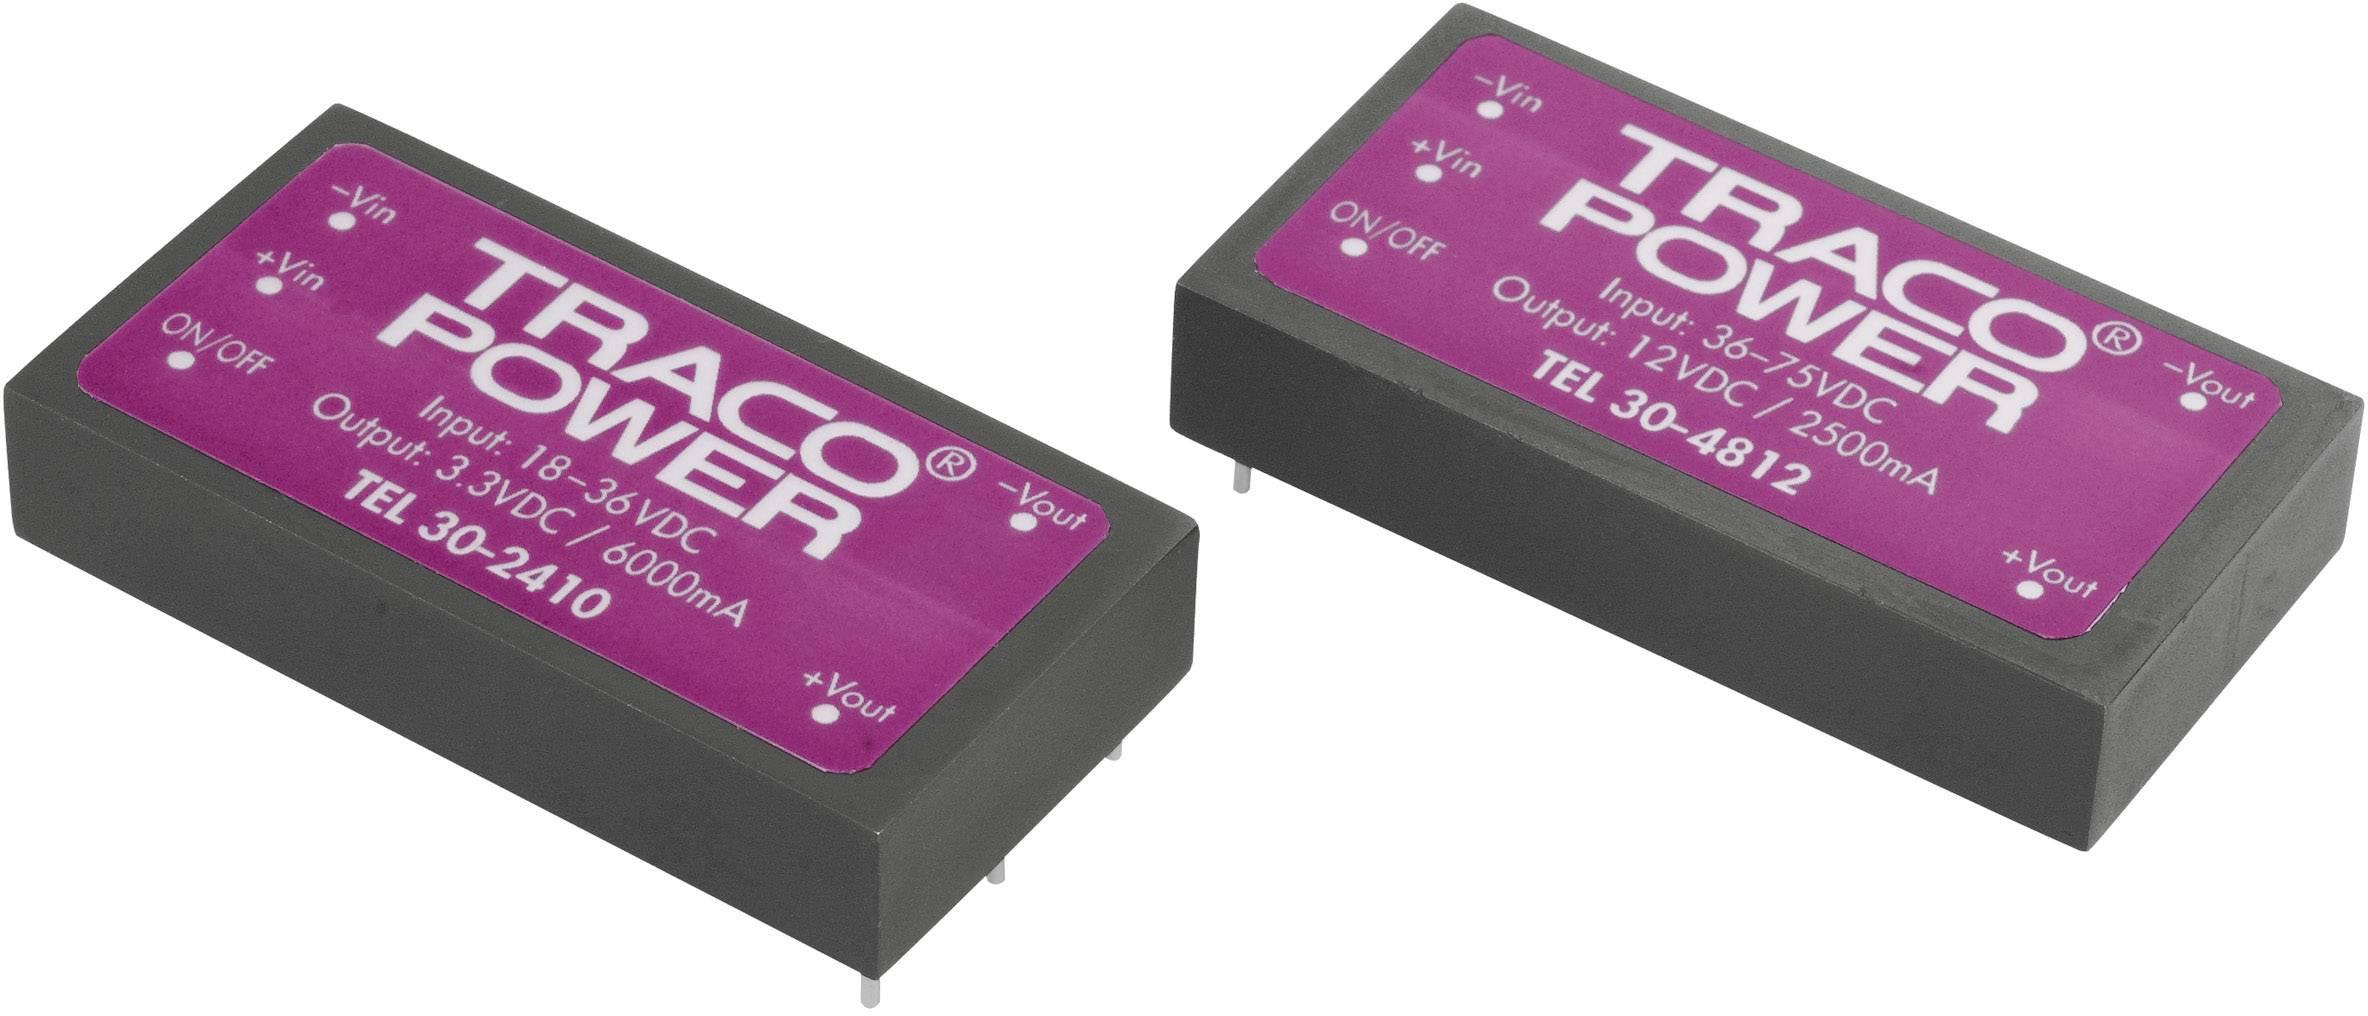 DC/DC měnič TracoPower TEL 30-4812, vstup 36 - 75 V/DC, výstup 12 V/DC, 2500 mA, 30 W